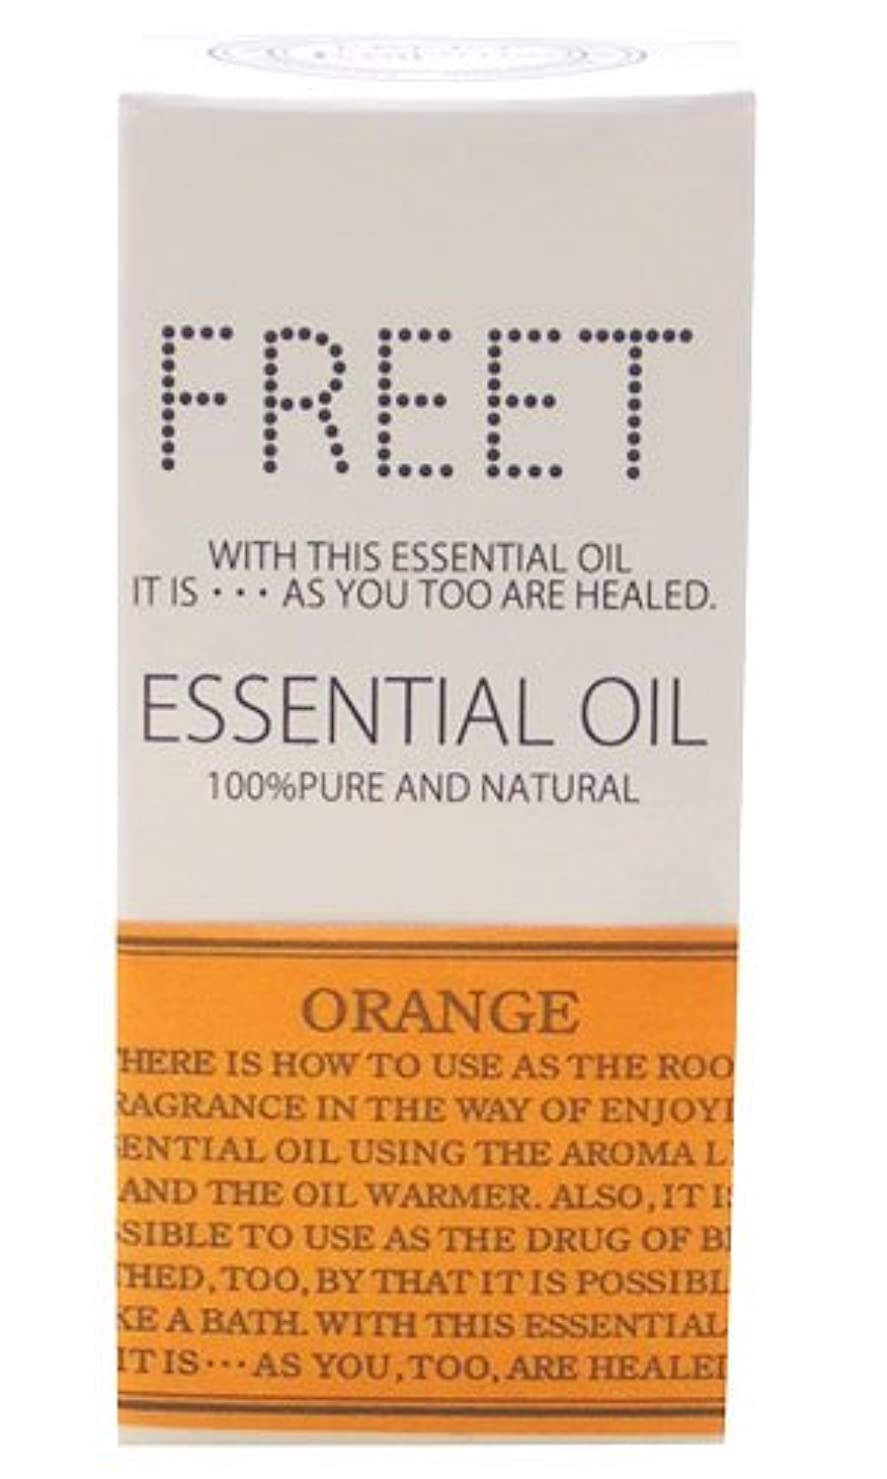 塗抹支給フロンティアフリート エッセンシャルオイル オレンジスウィート 5ml